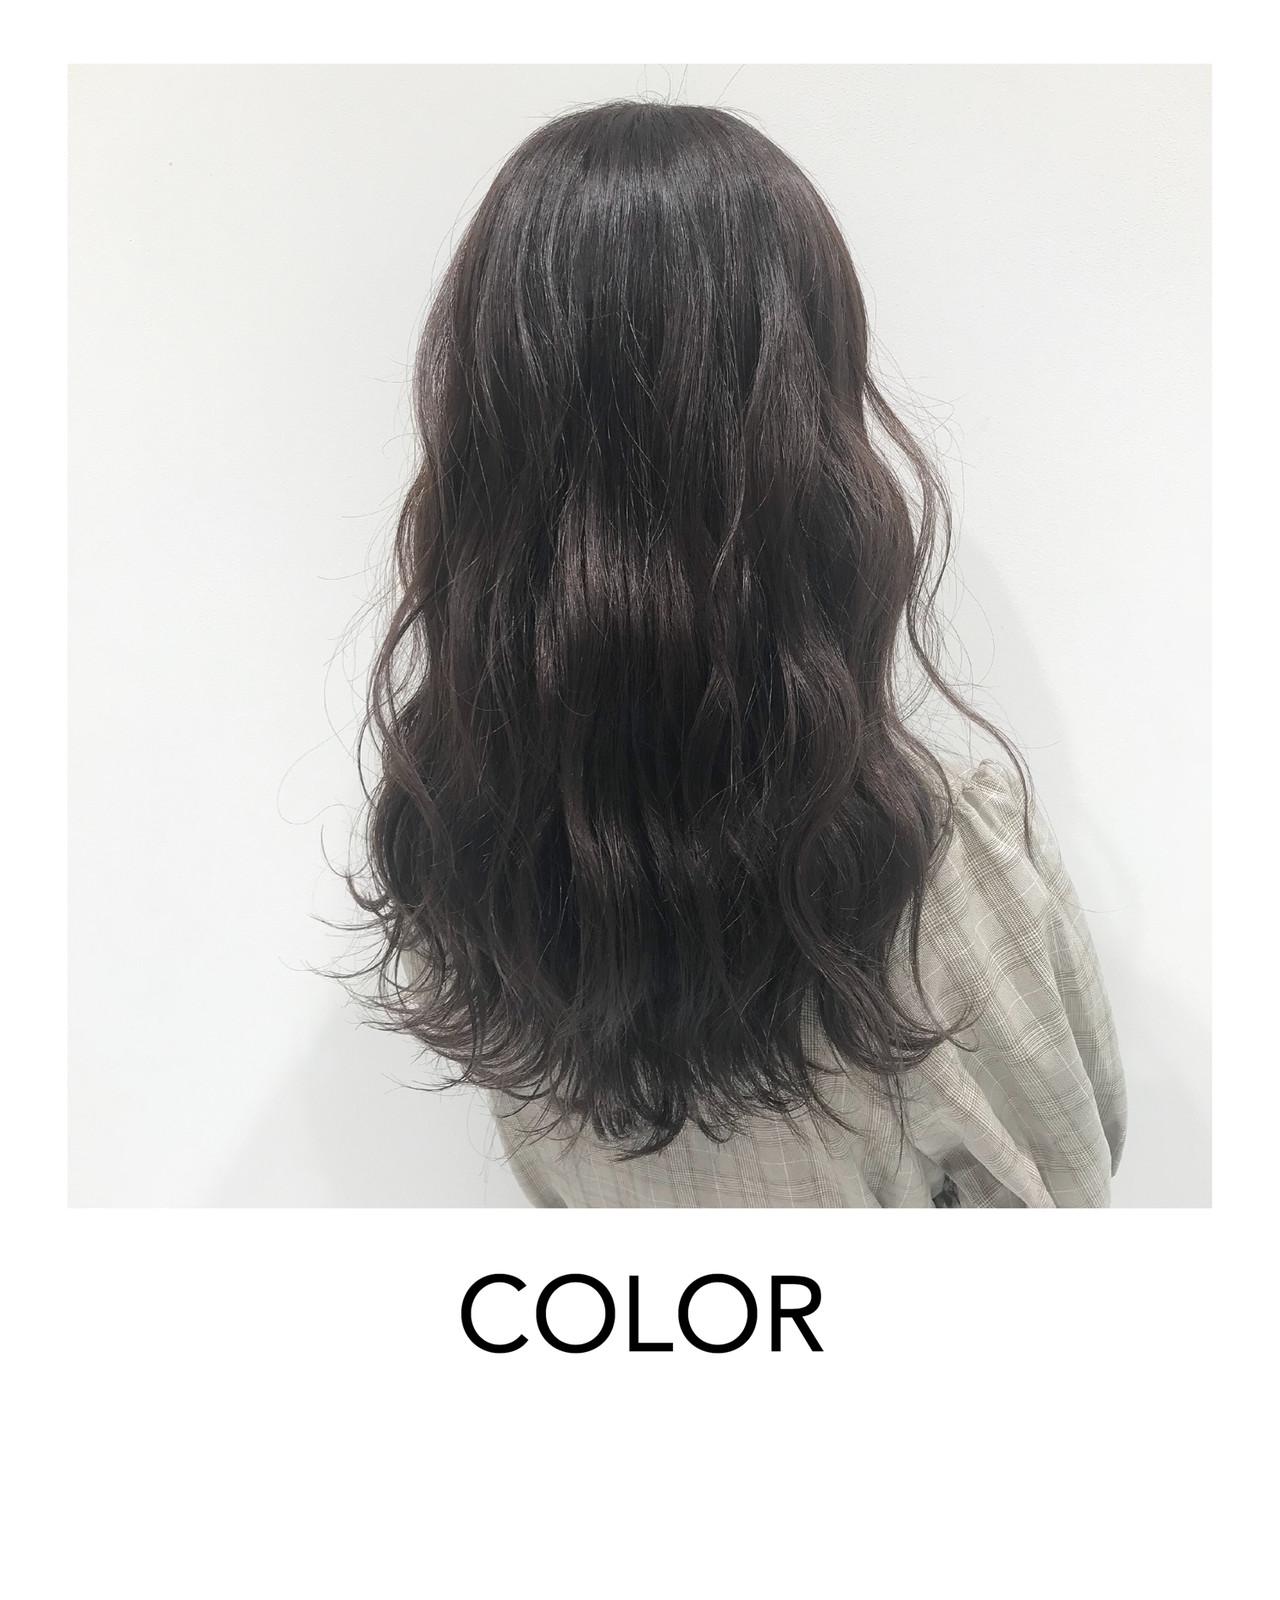 ヘアアレンジ 卒業式 セミロング イメチェン ヘアスタイルや髪型の写真・画像 | ISSEI_TAKASHIMA / OREO.coco